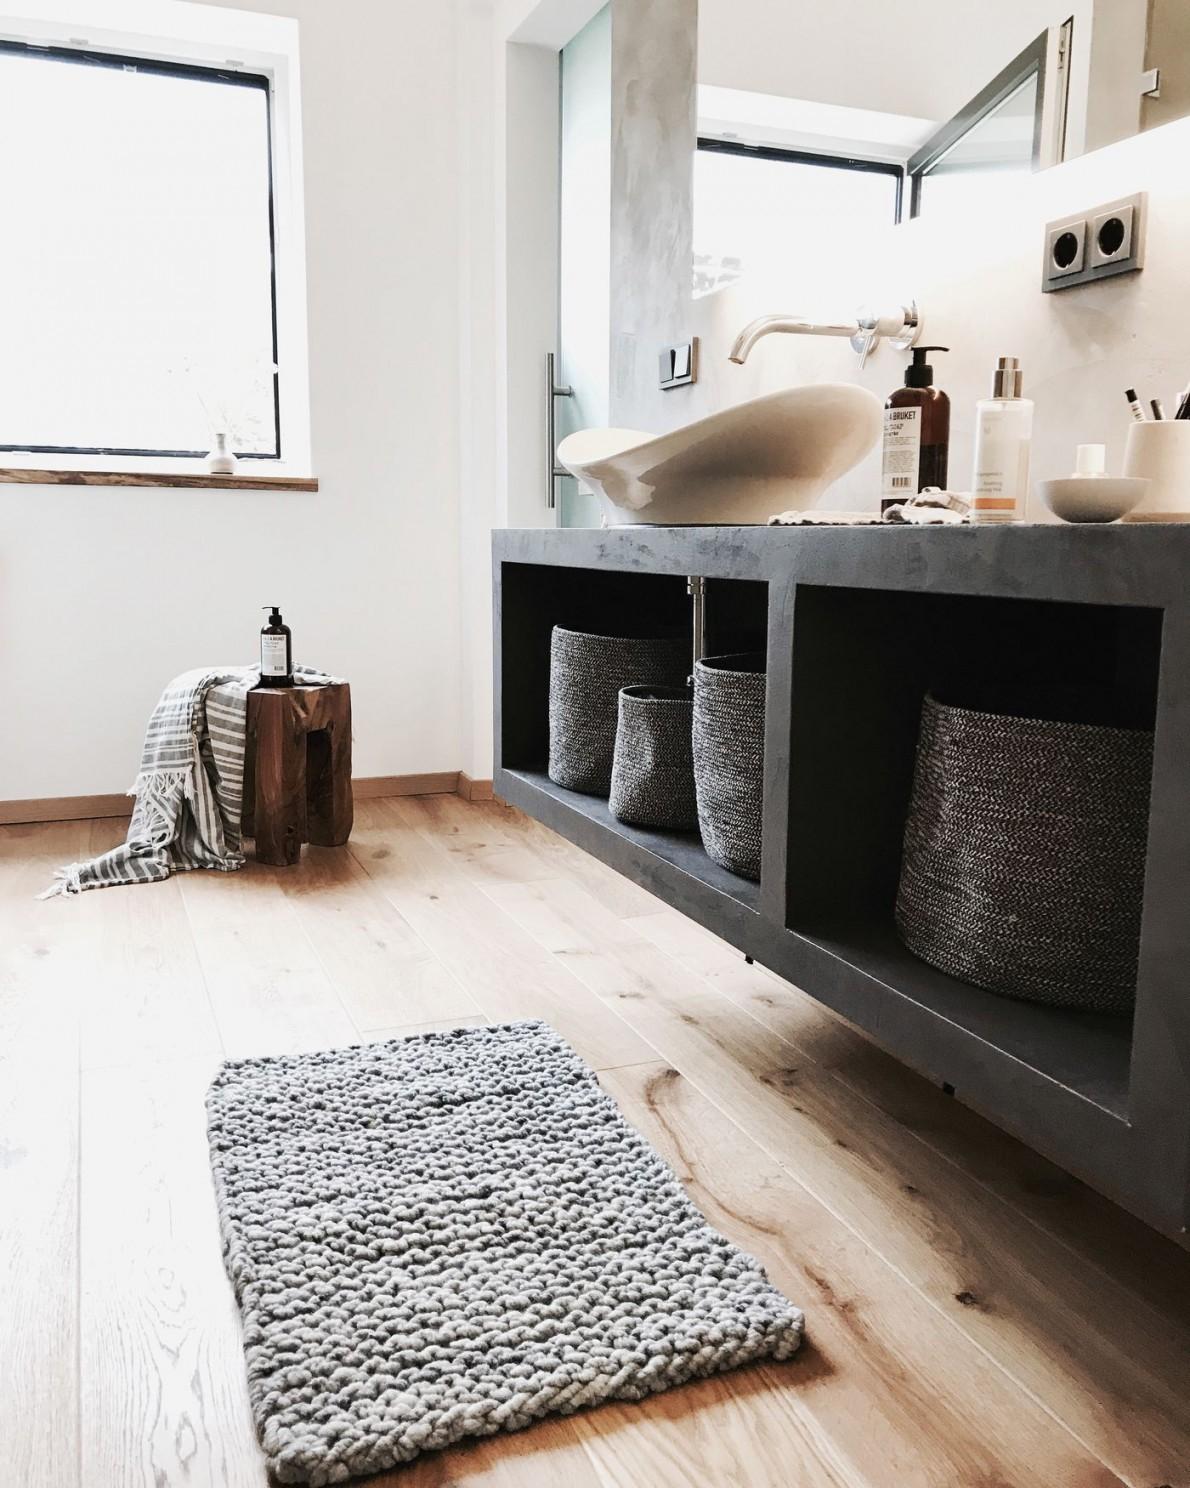 Badezimmer Deko Die Schönsten Ideen von Badezimmer Verschönern Dekoration Bild